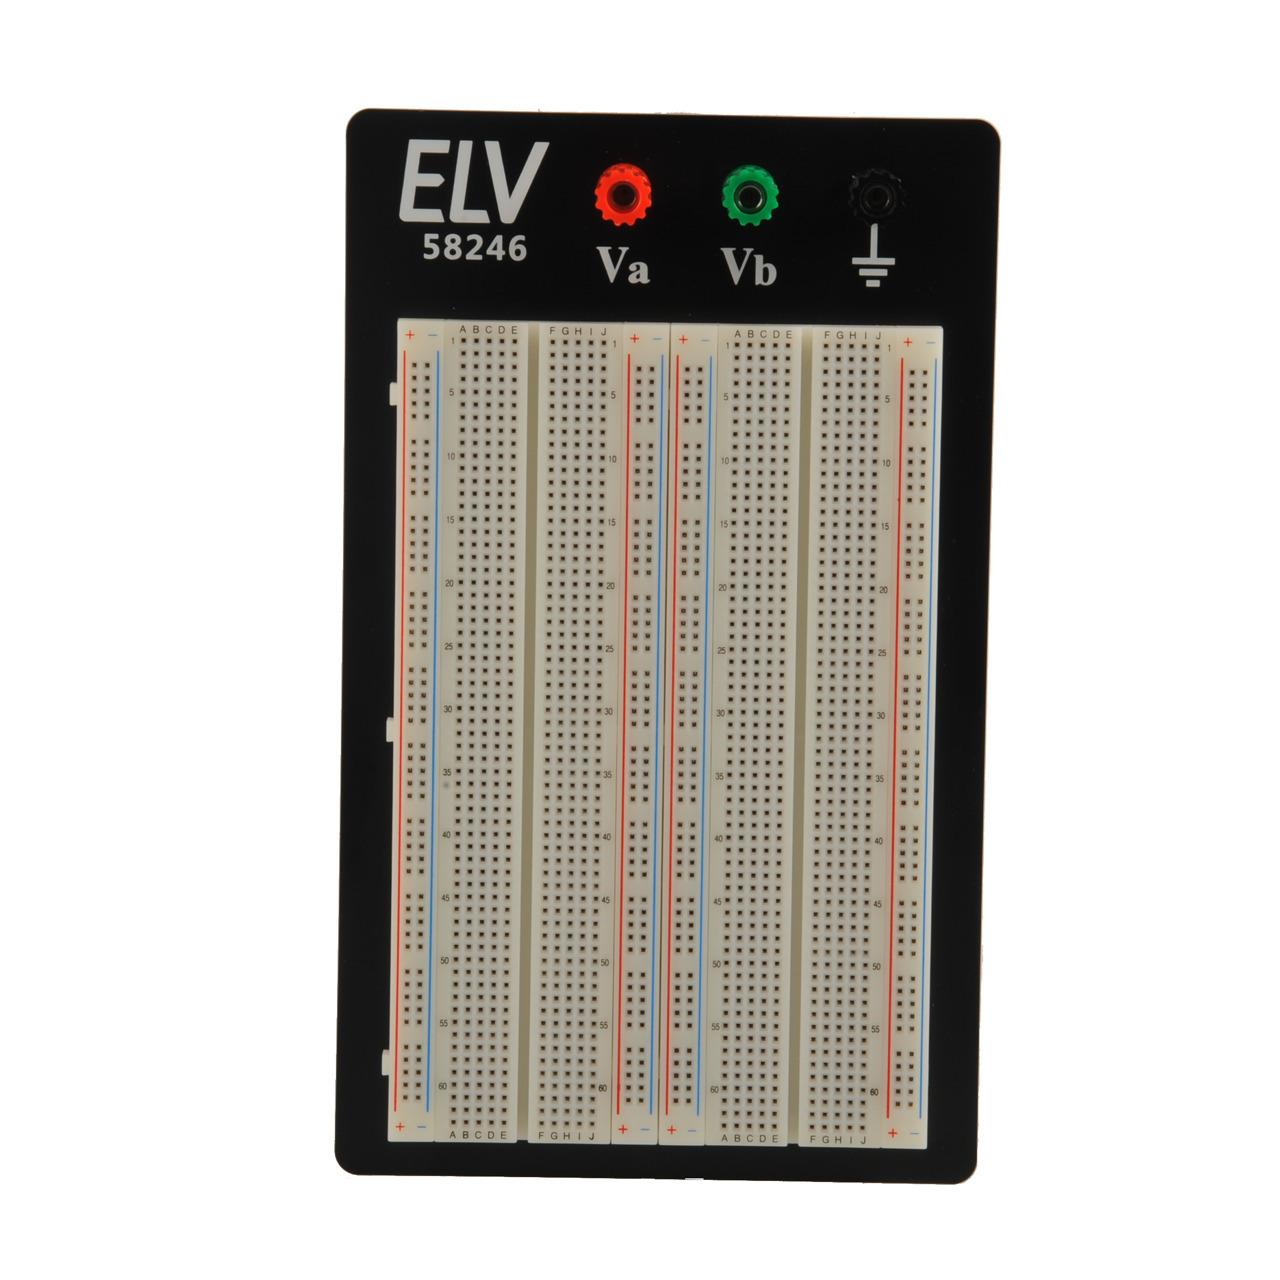 ELV Steckplatine-Breadboard 104 J- 1660 Kontakte- mit Drahtbrücken-Set